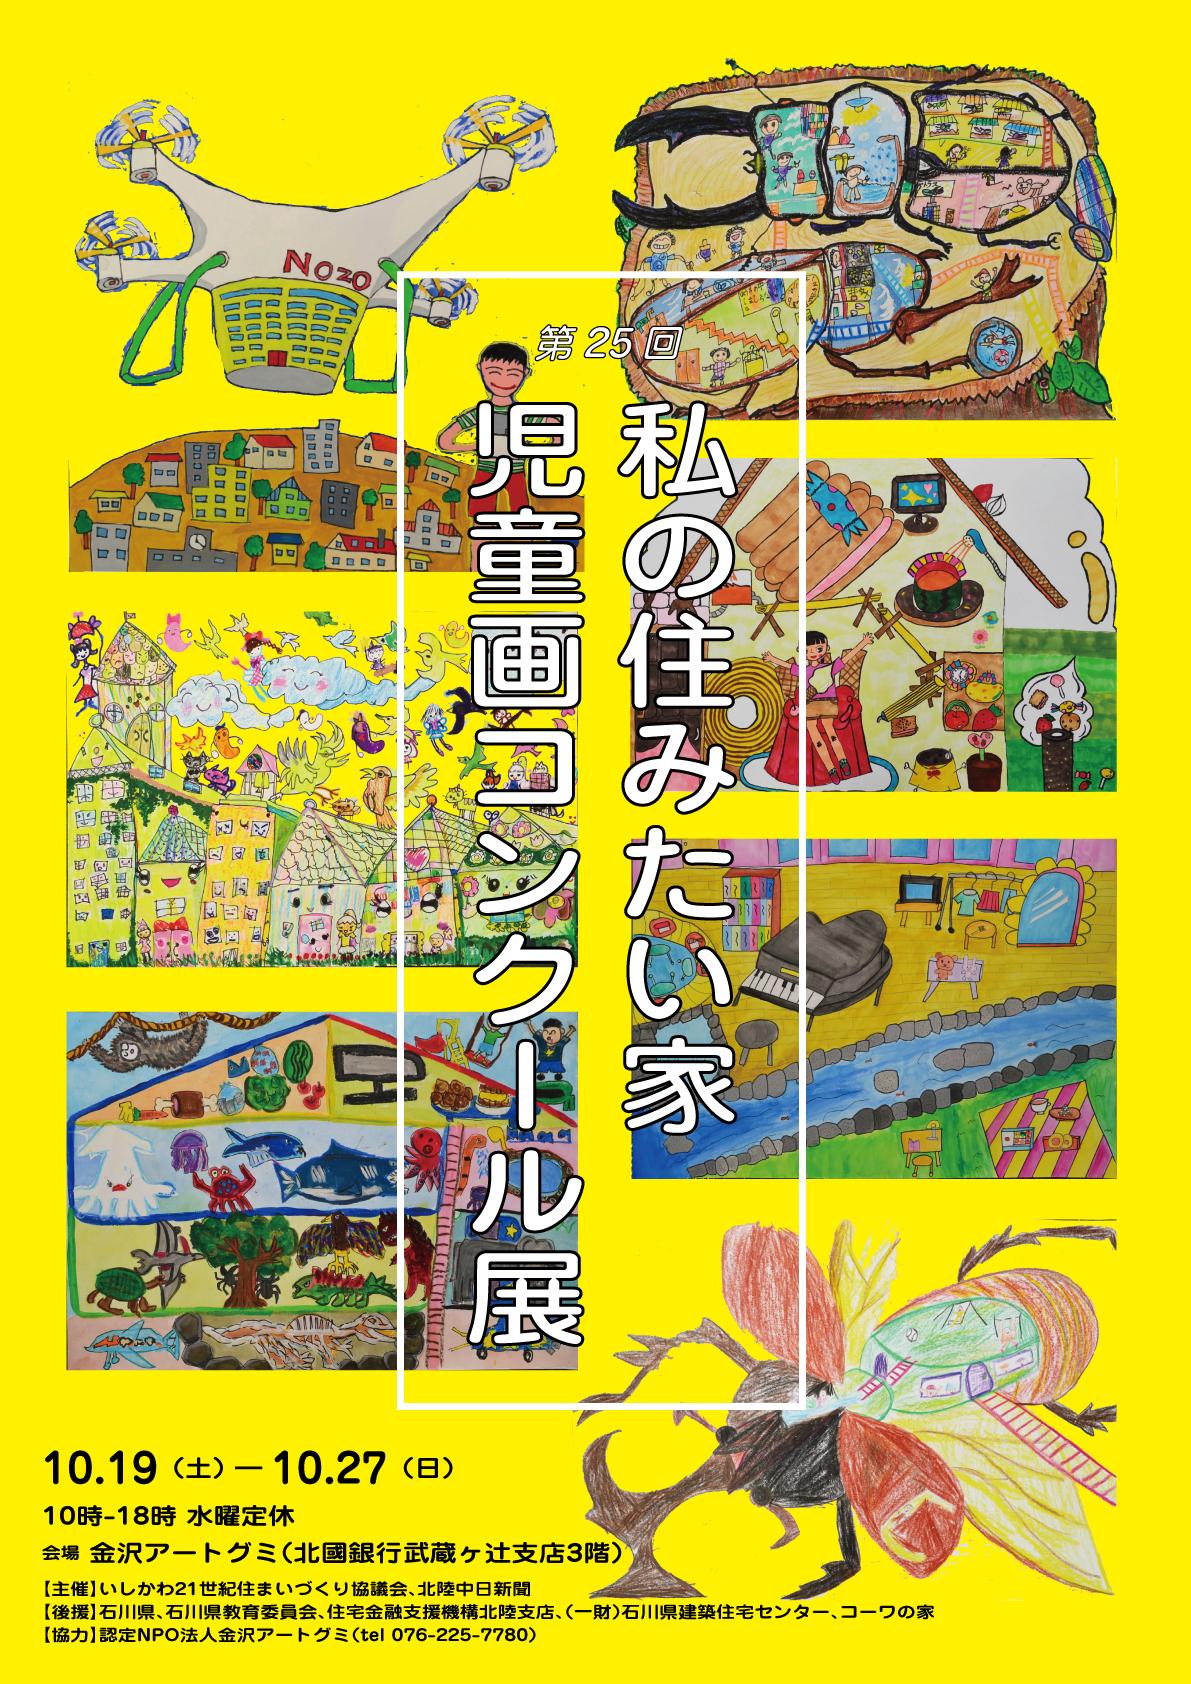 10.19- 10.27  第25回私の住みたい家 児童画コンクール展